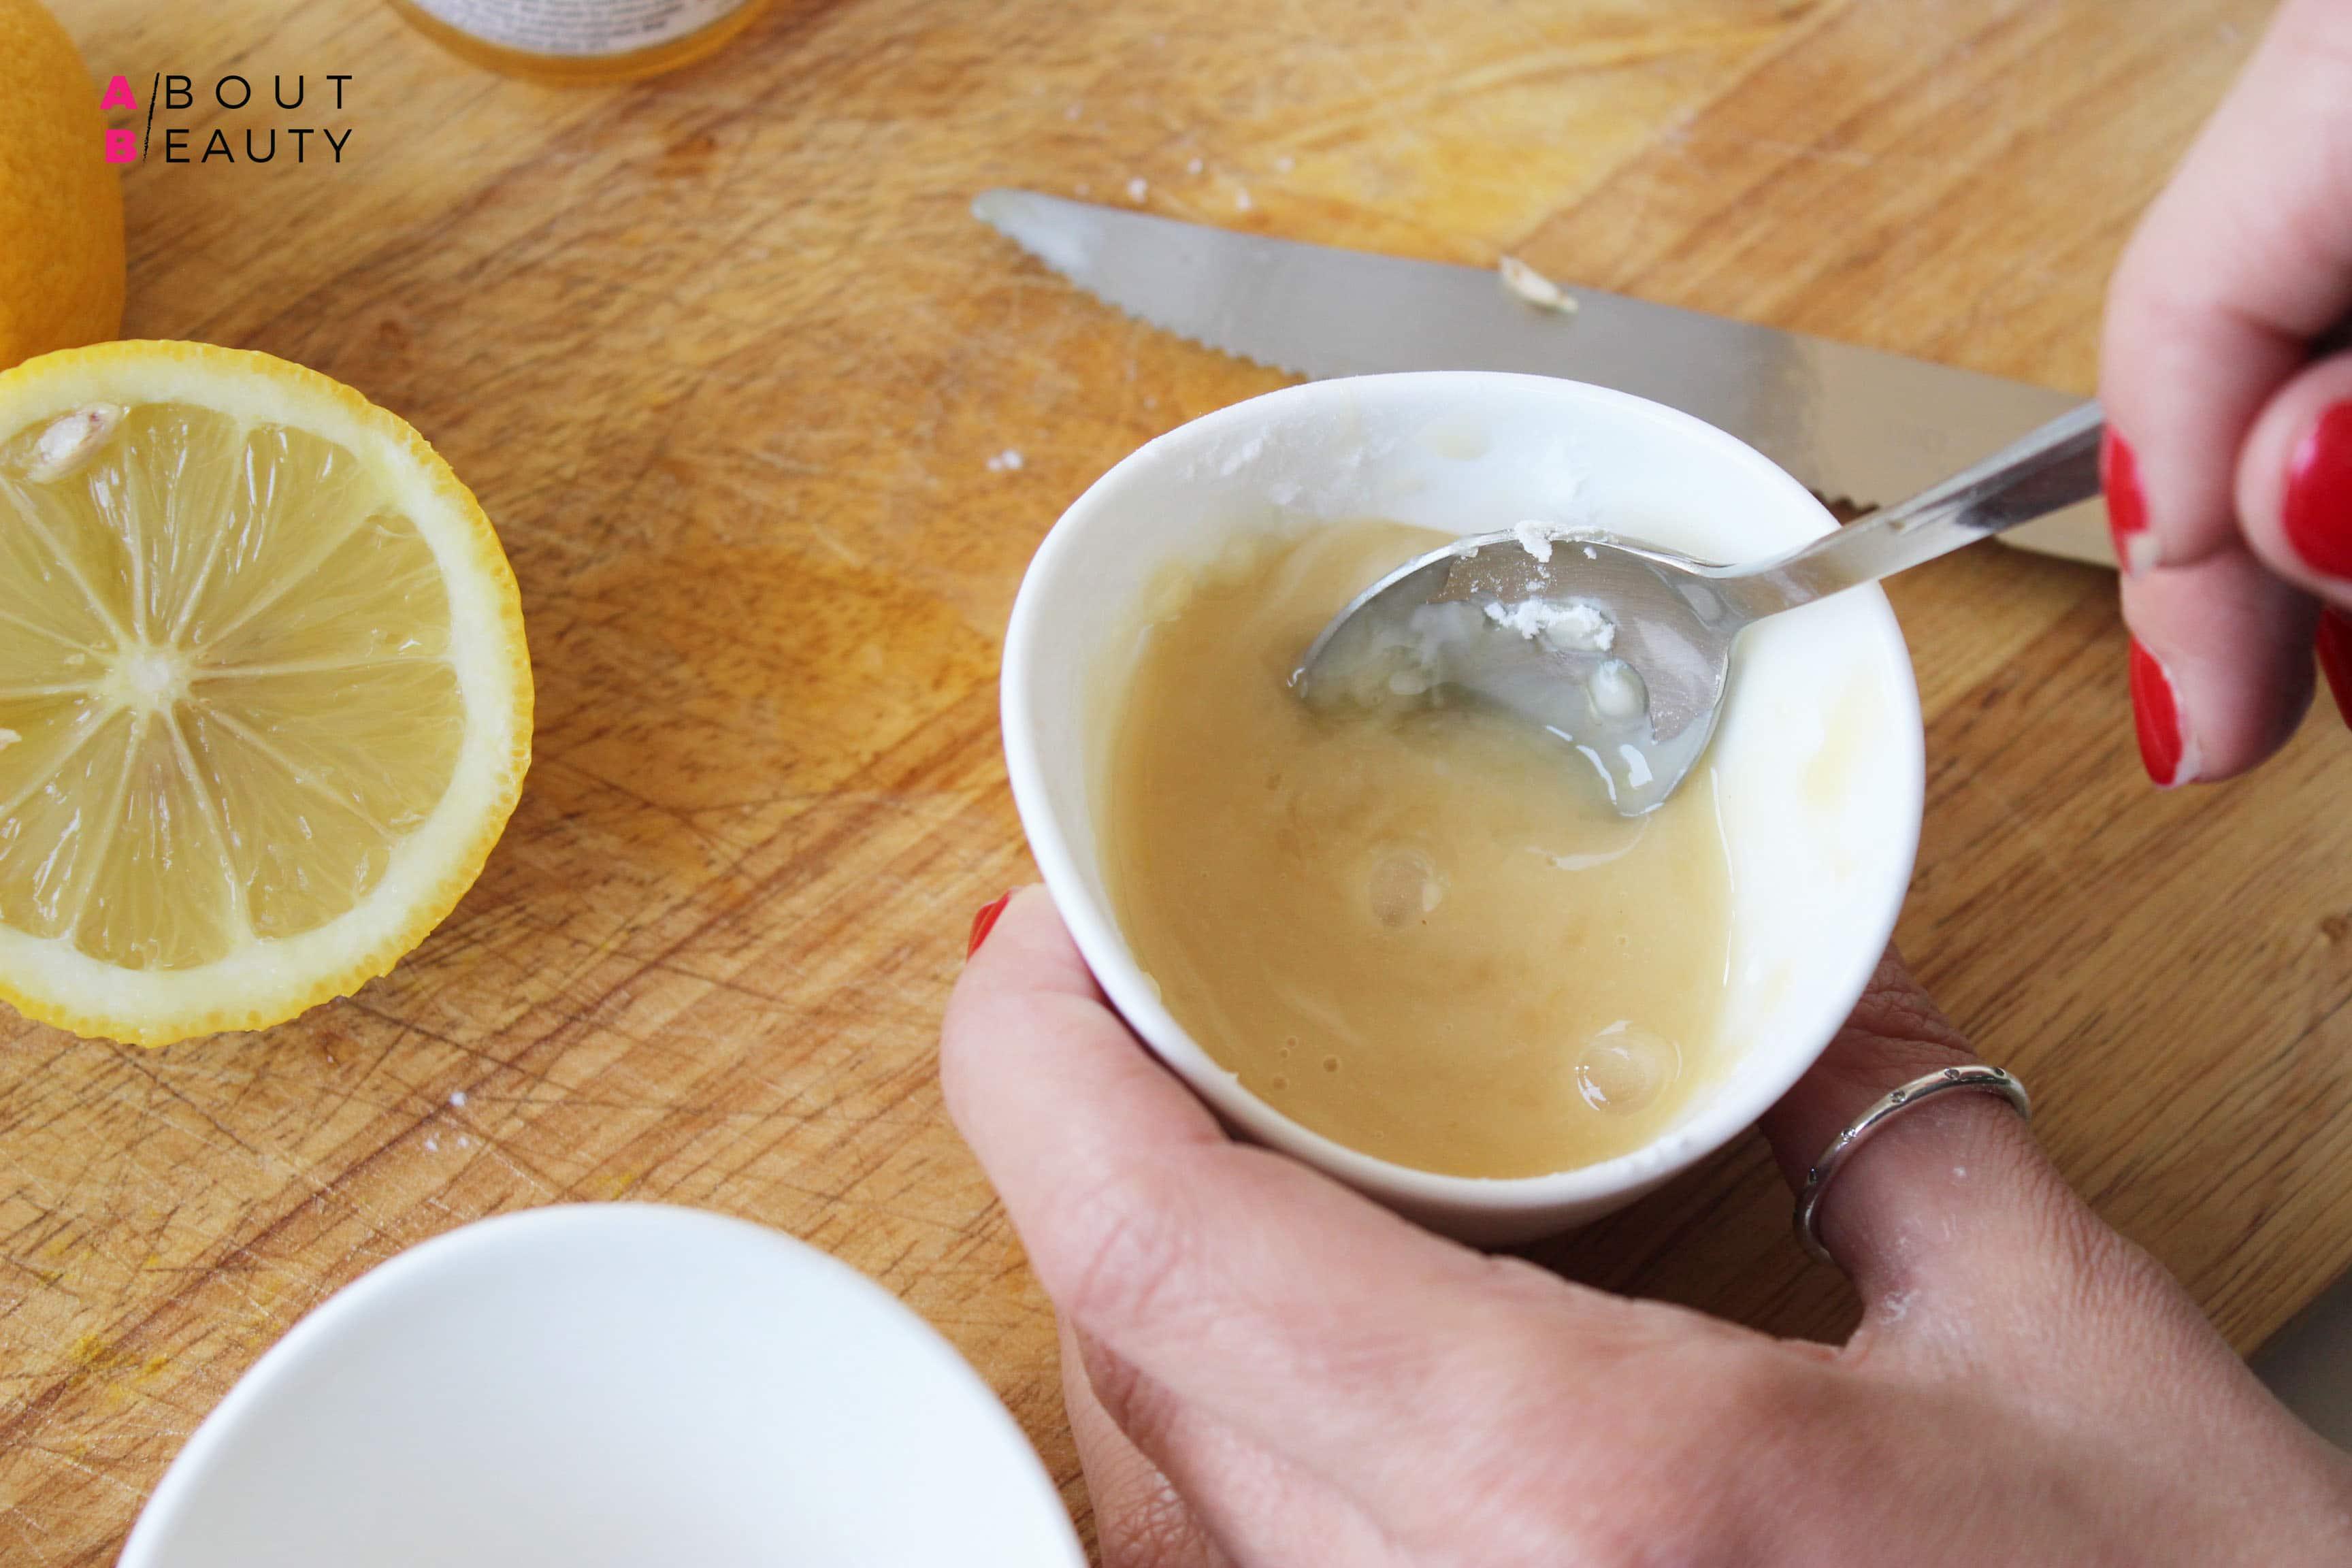 Le ricette di bellezza di About Beauty - Maschera Levigante al miele - Preparazione